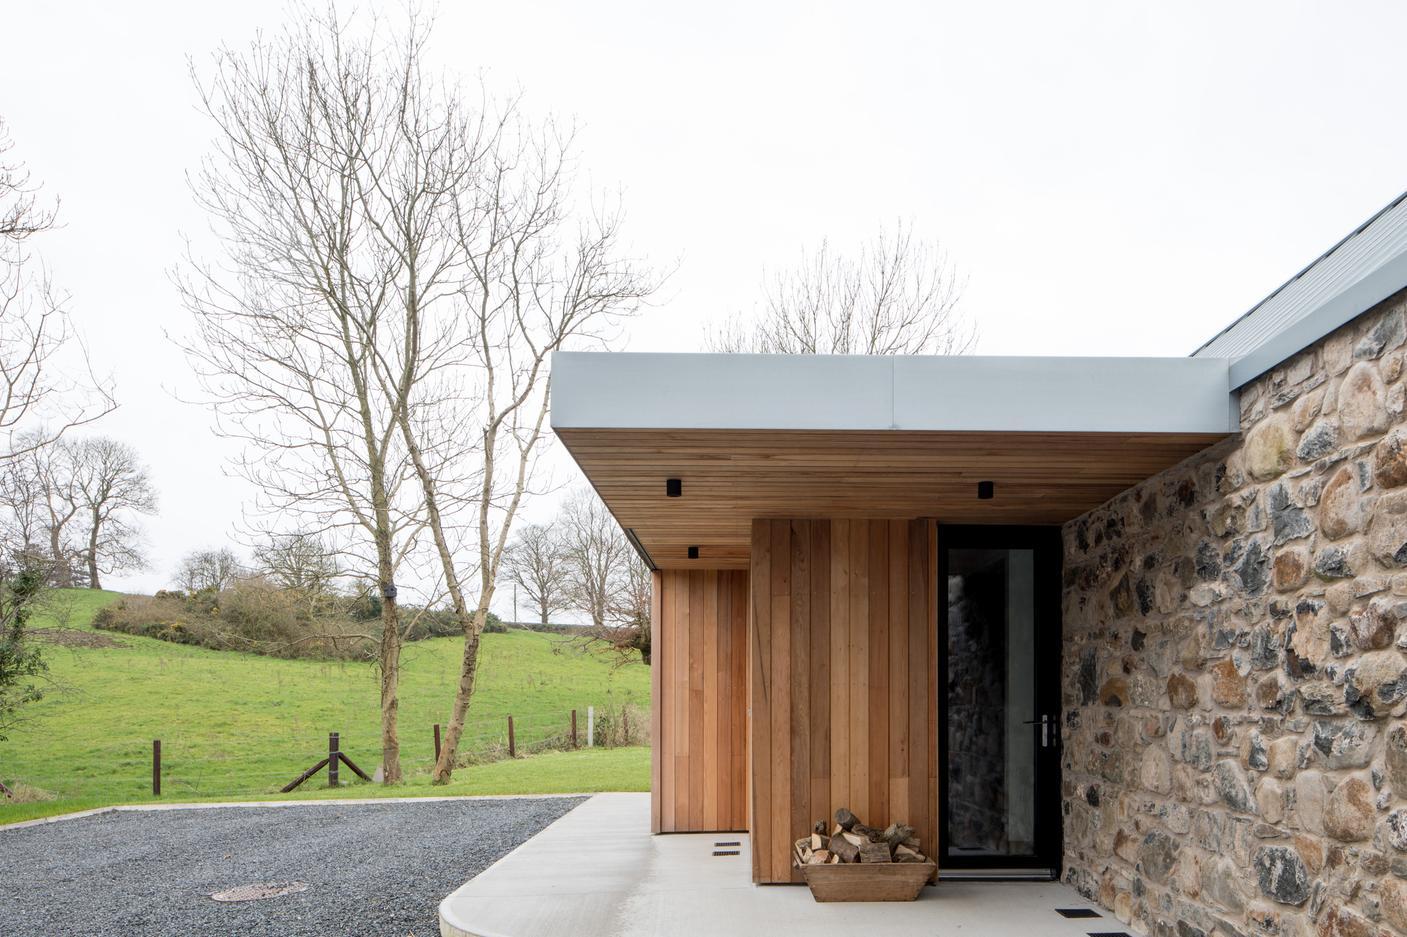 Meegan builders - Clogher House luzury private residence meegan builders